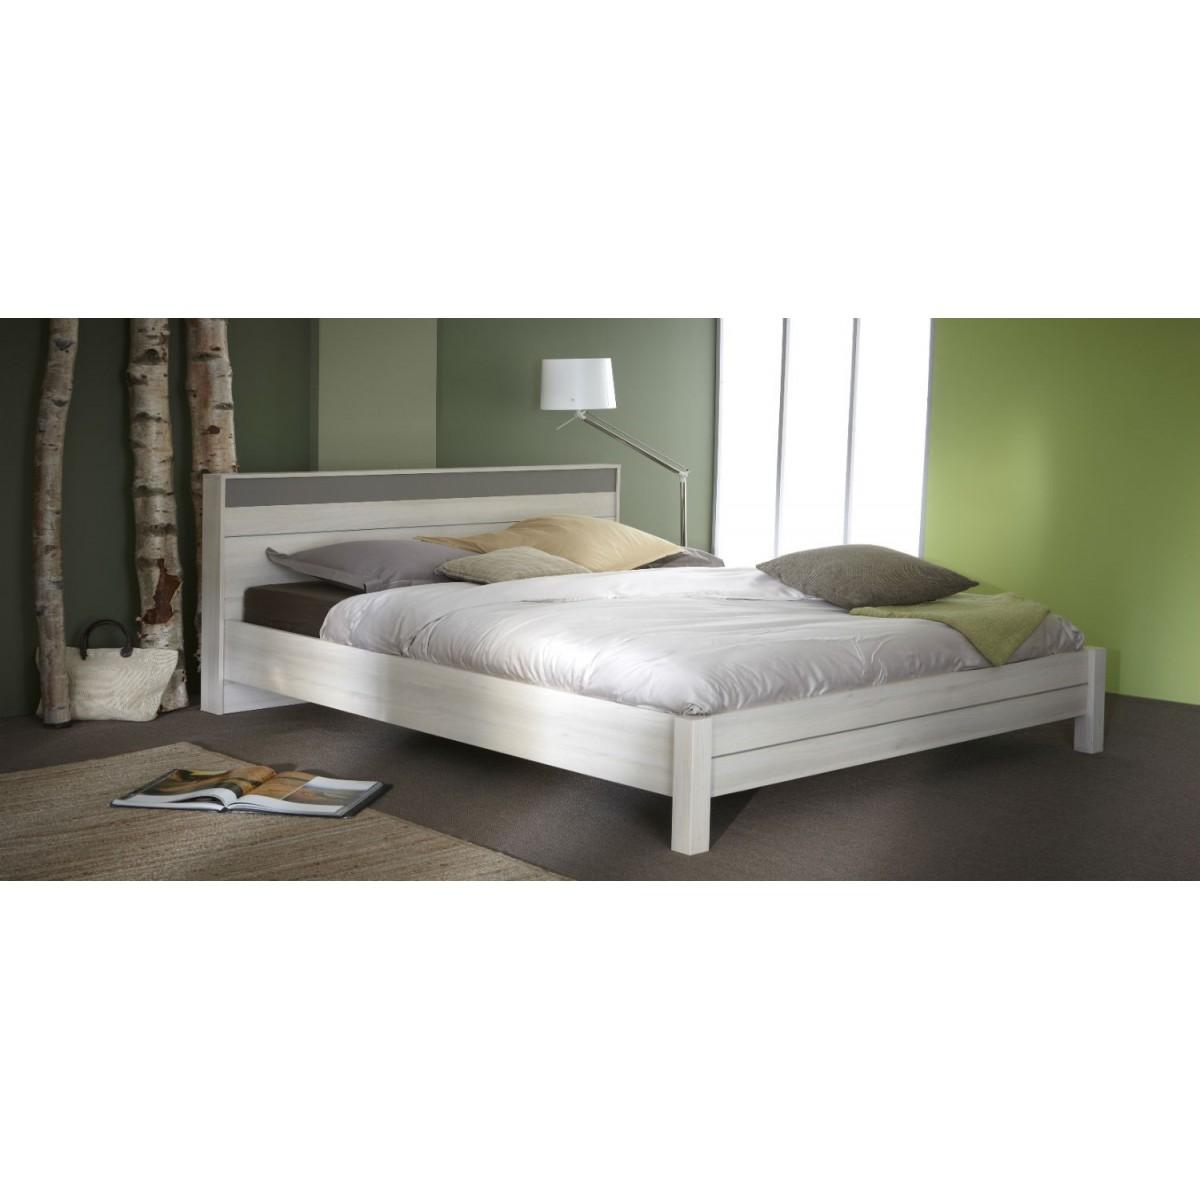 Chambre a coucher en solde finest best meuble chambre a for Chambre a coucher adulte solde